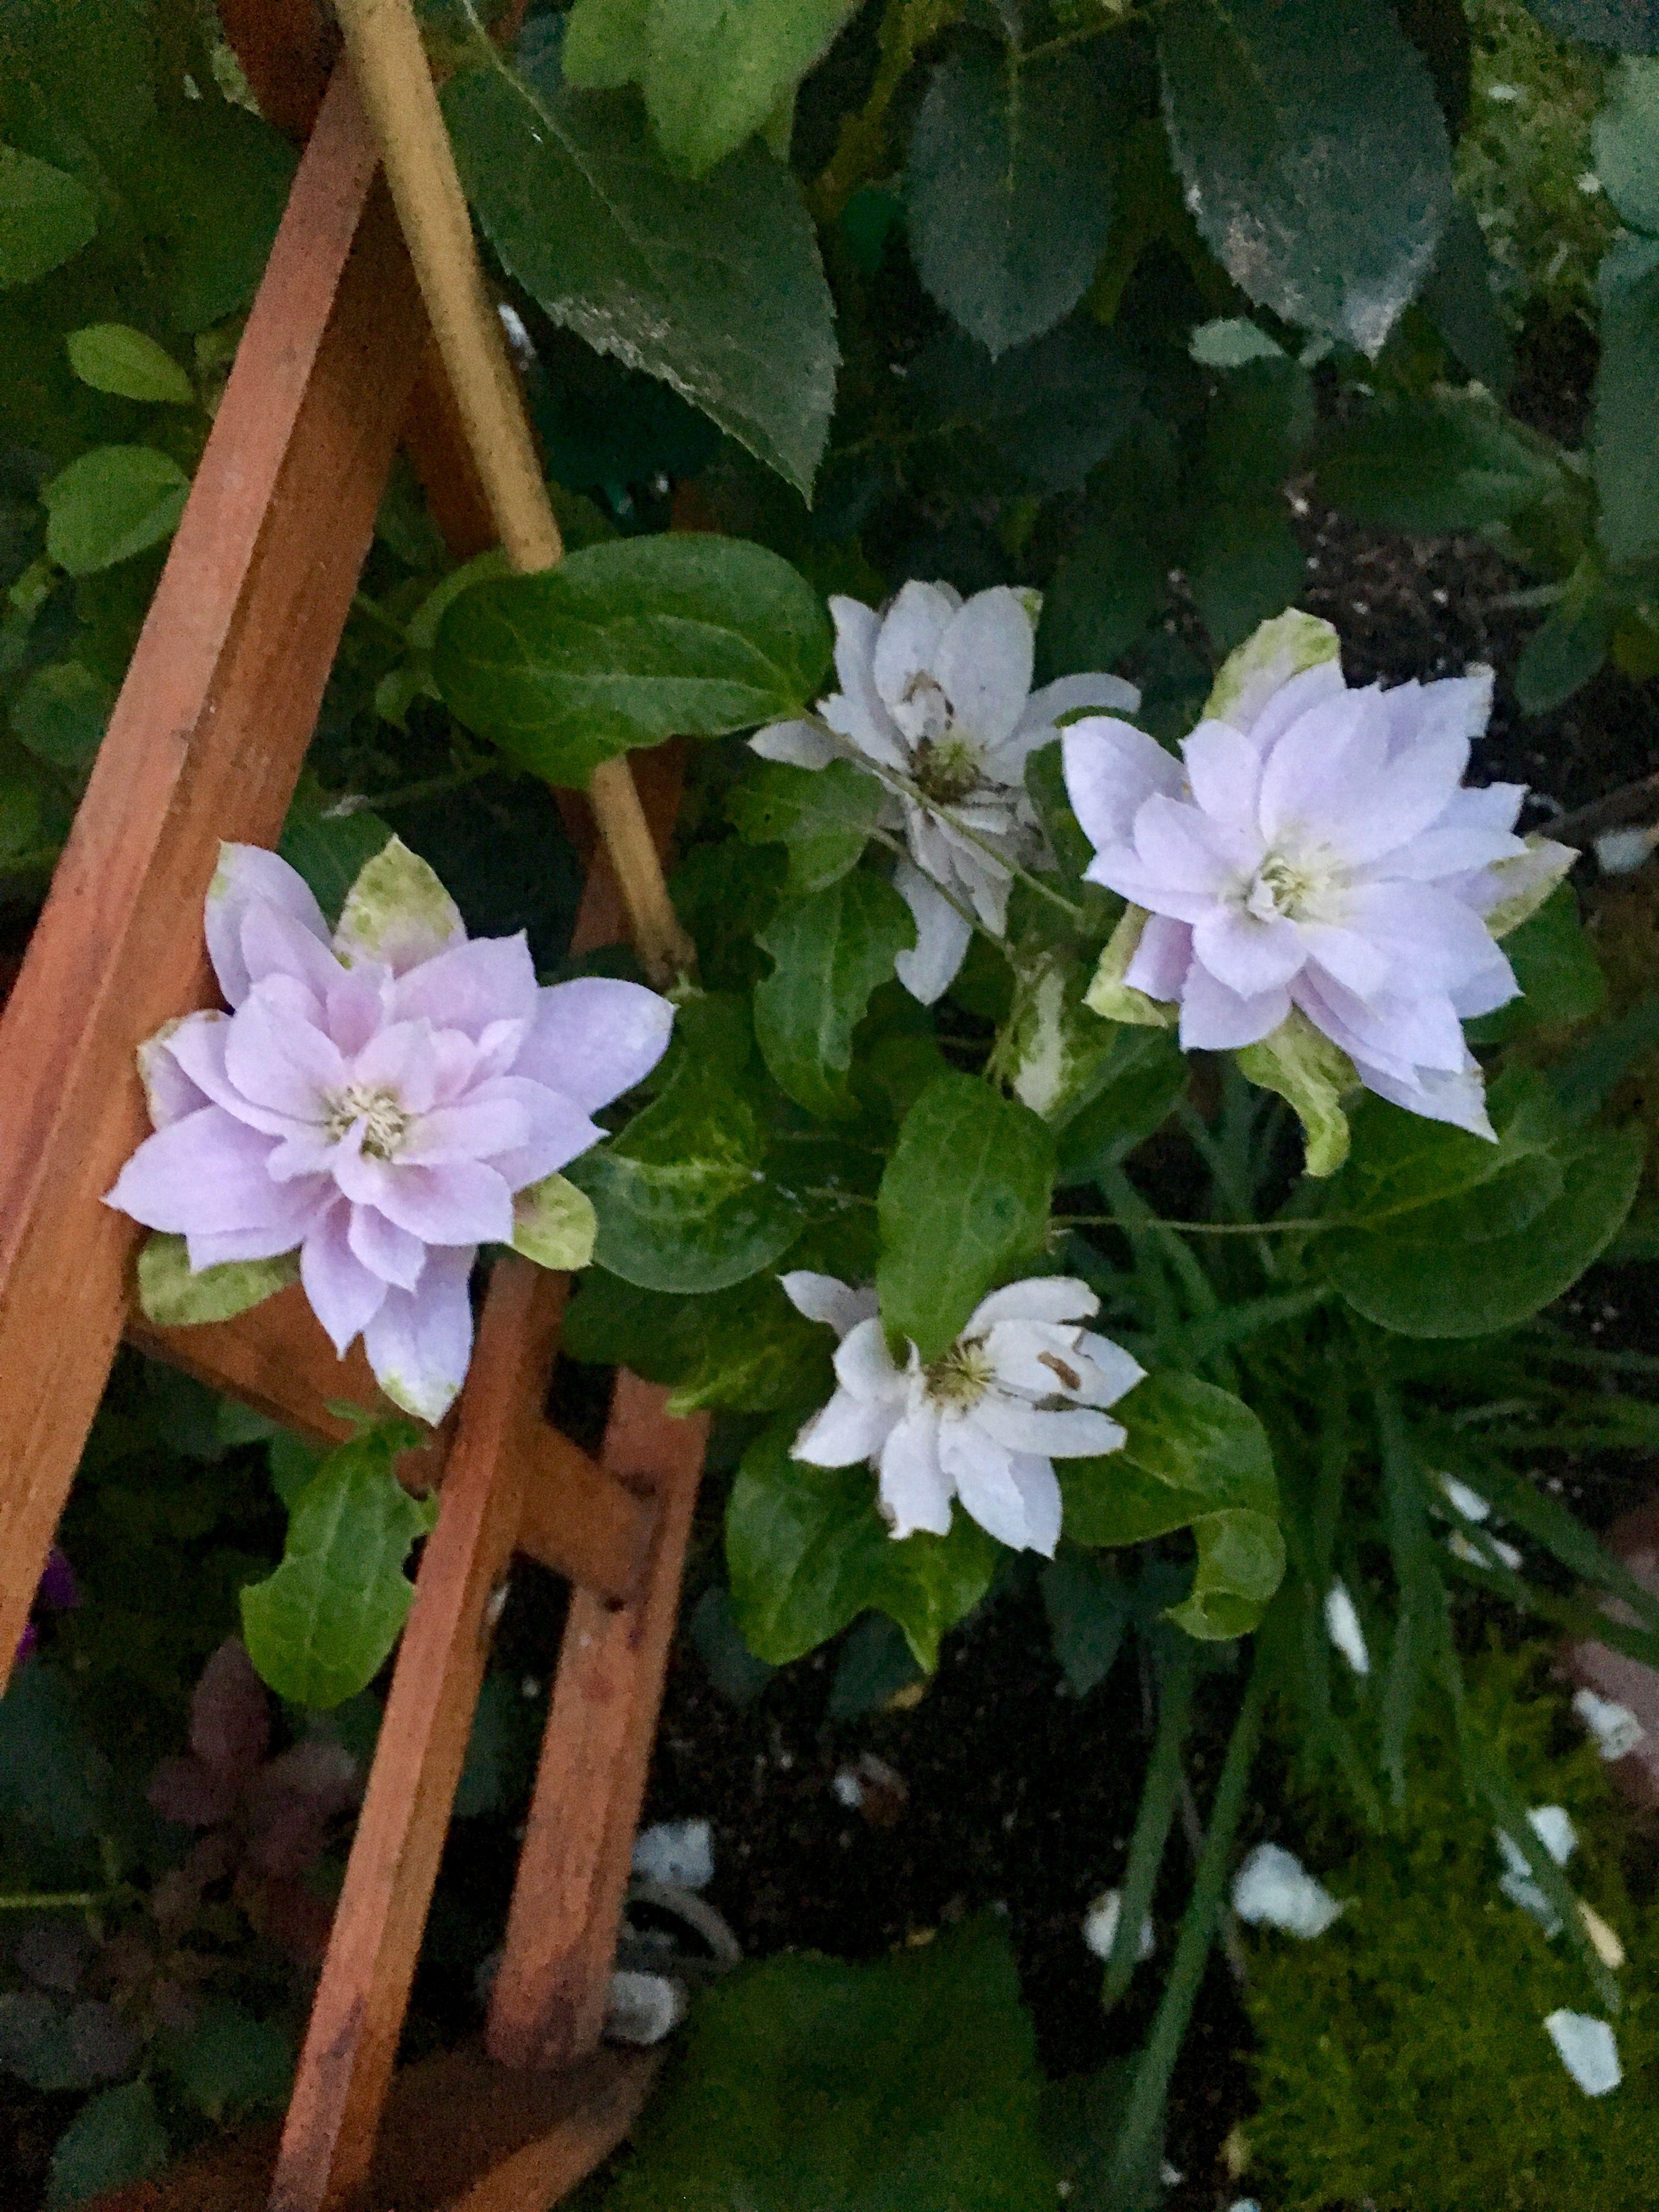 Clematis Dancing Queen Clematis, My secret garden